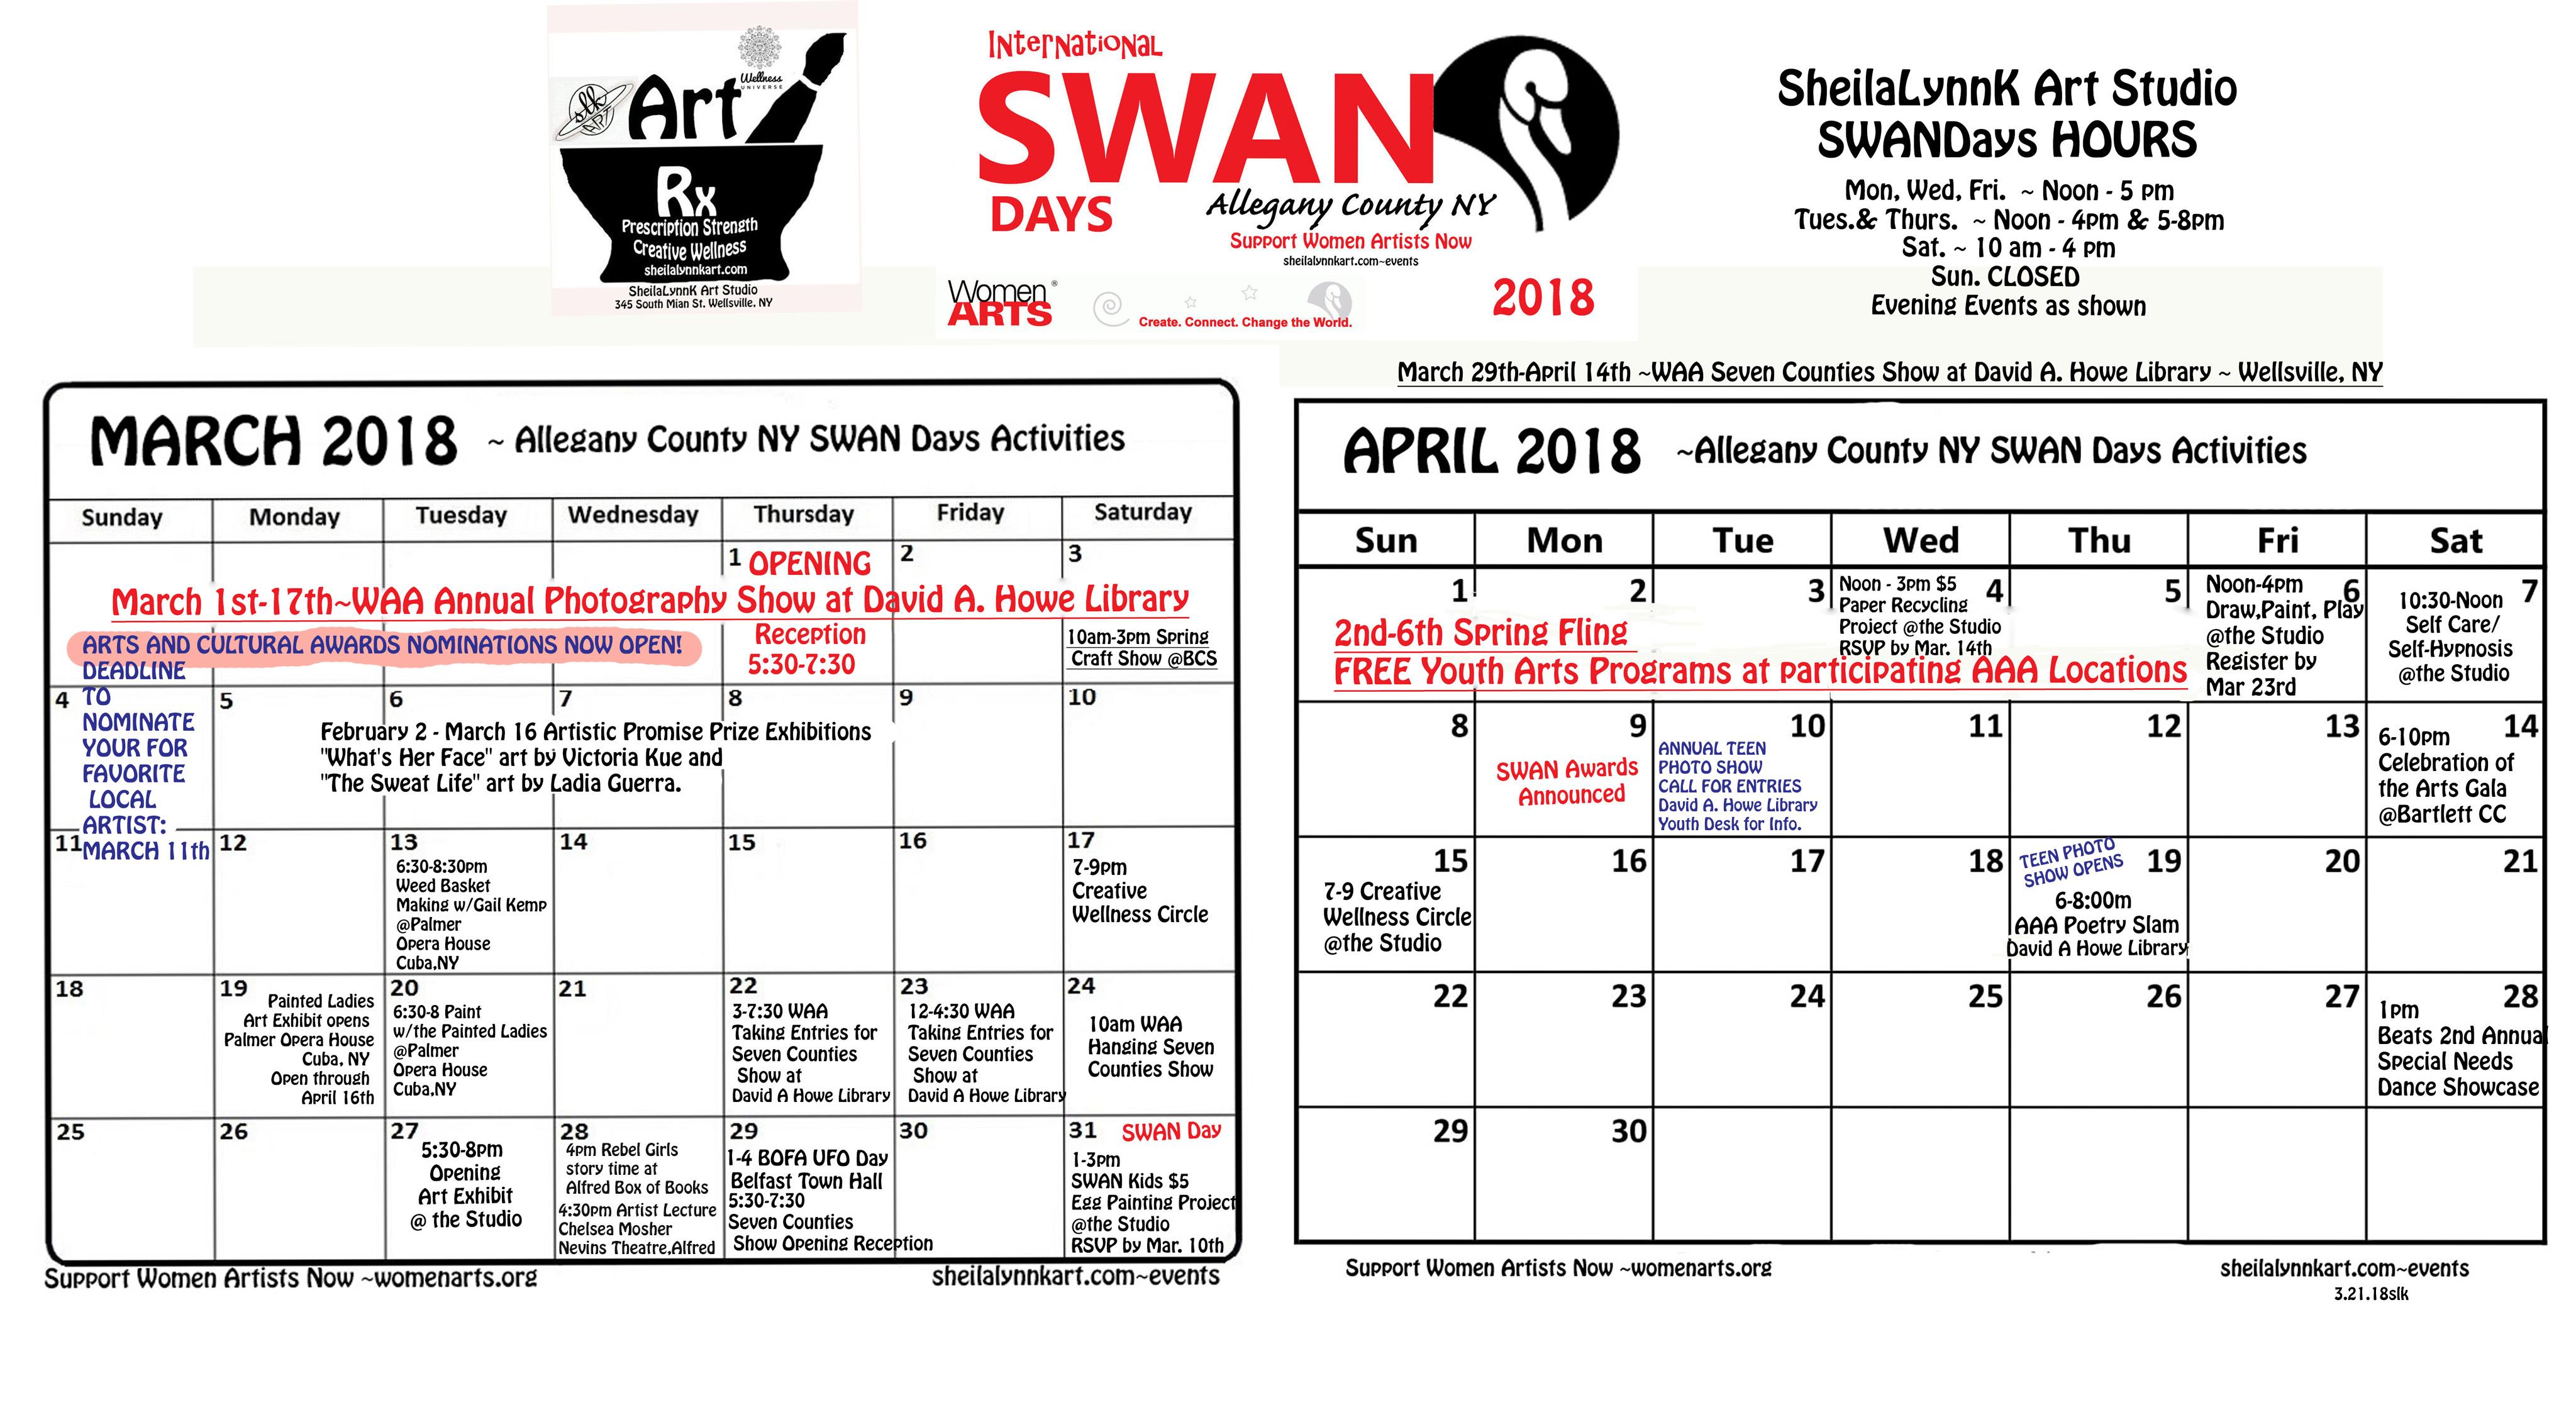 SWAN Days Allegany County NY 2018 - WomenArts